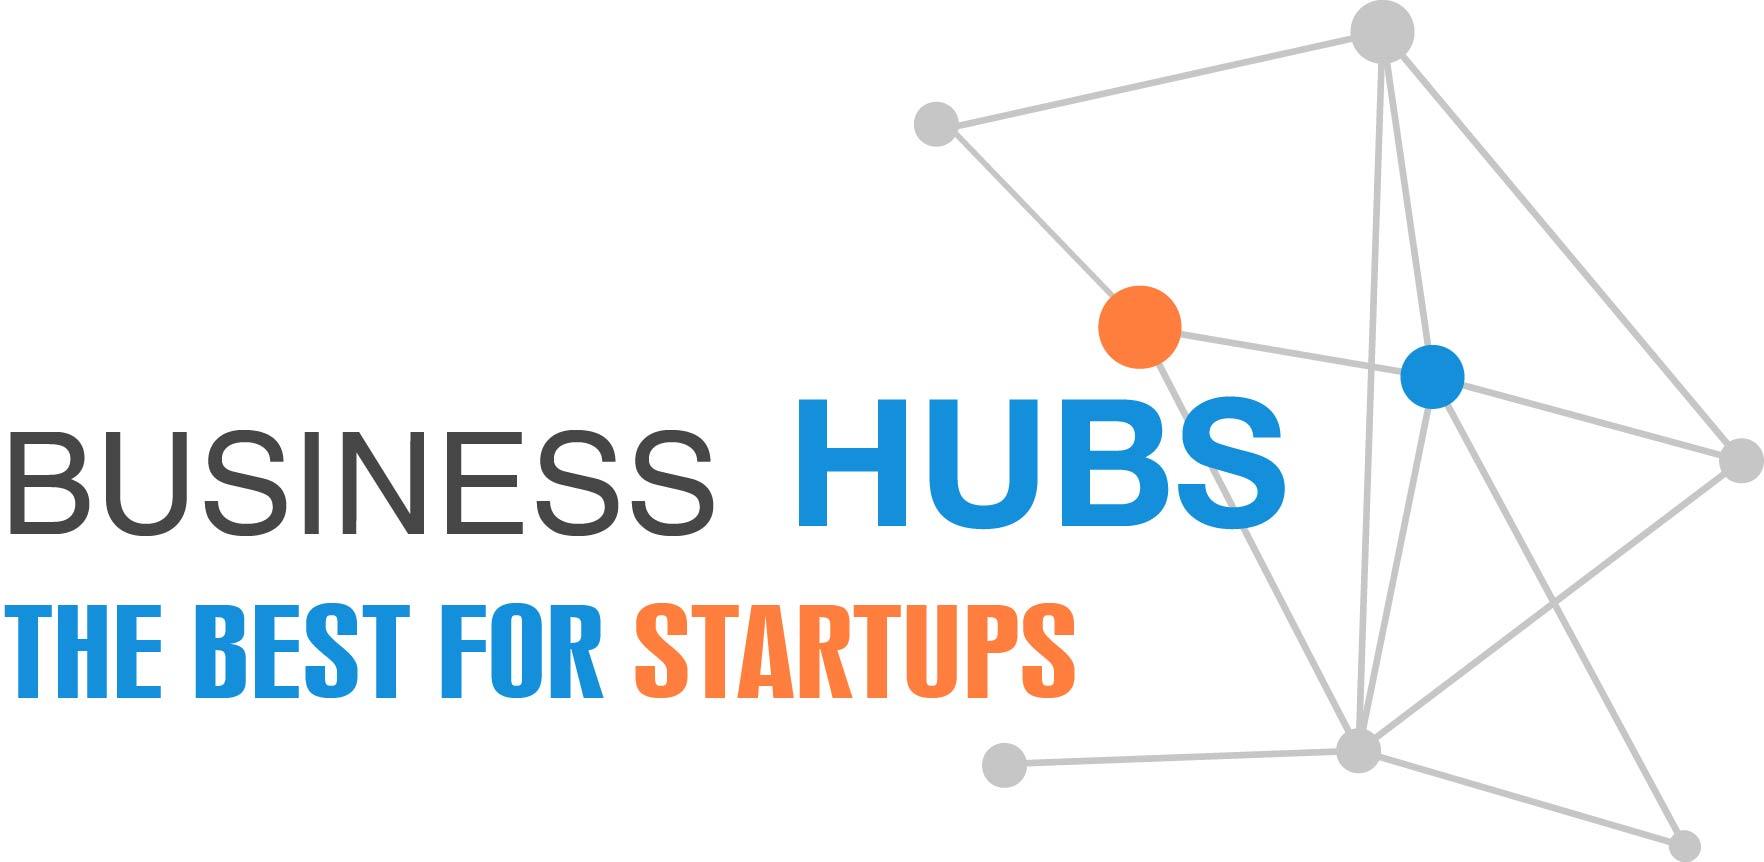 Business Hubs